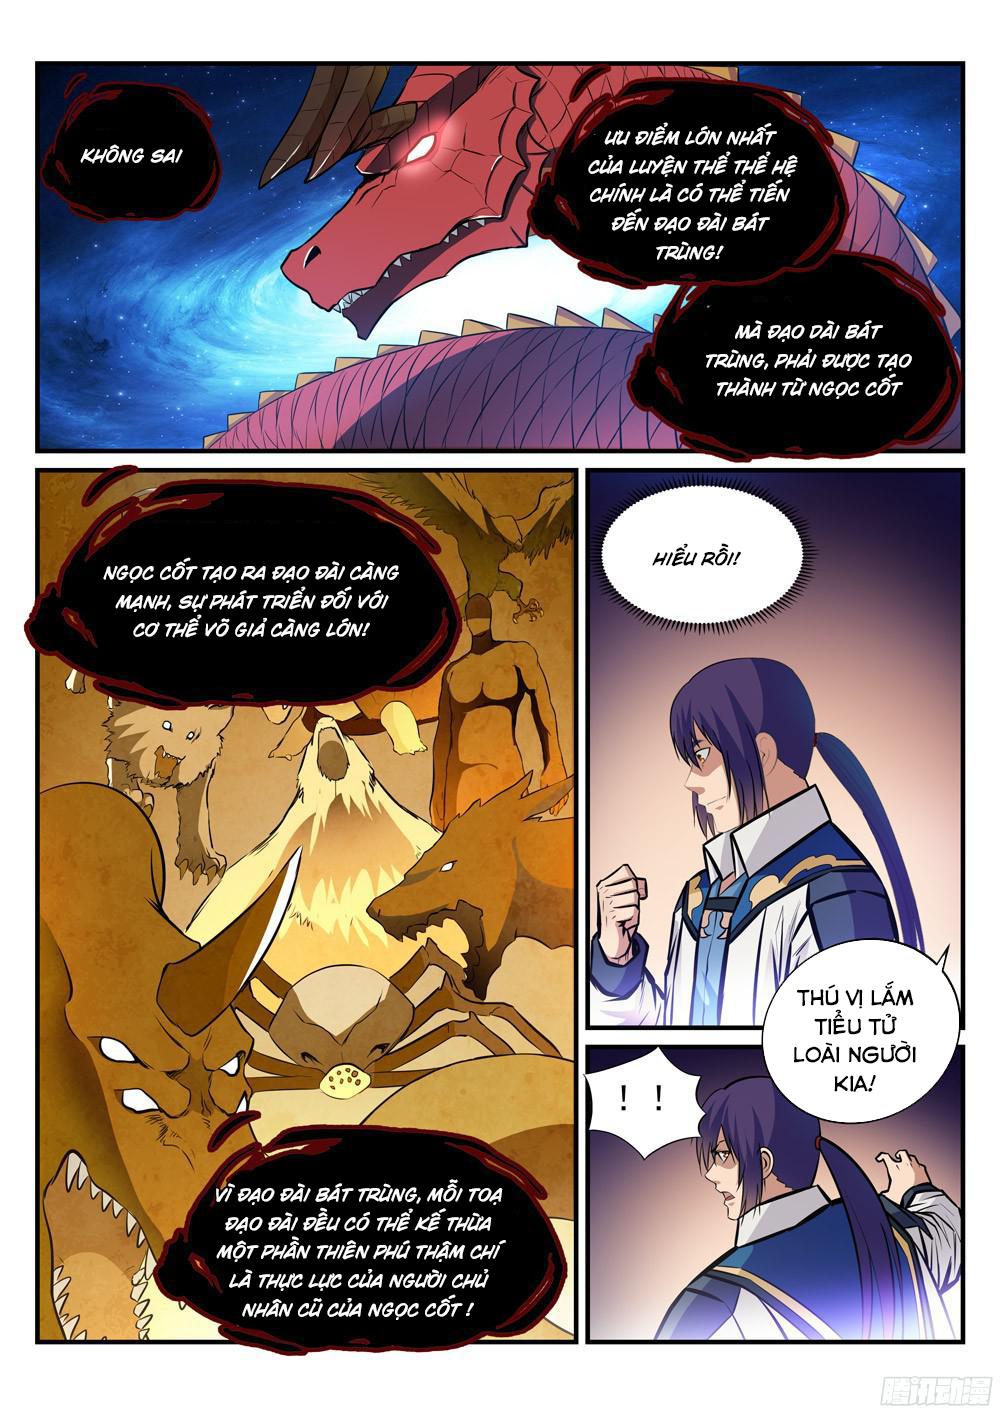 Bách Luyện Thành Thần Chapter 226 - Hamtruyen.vn